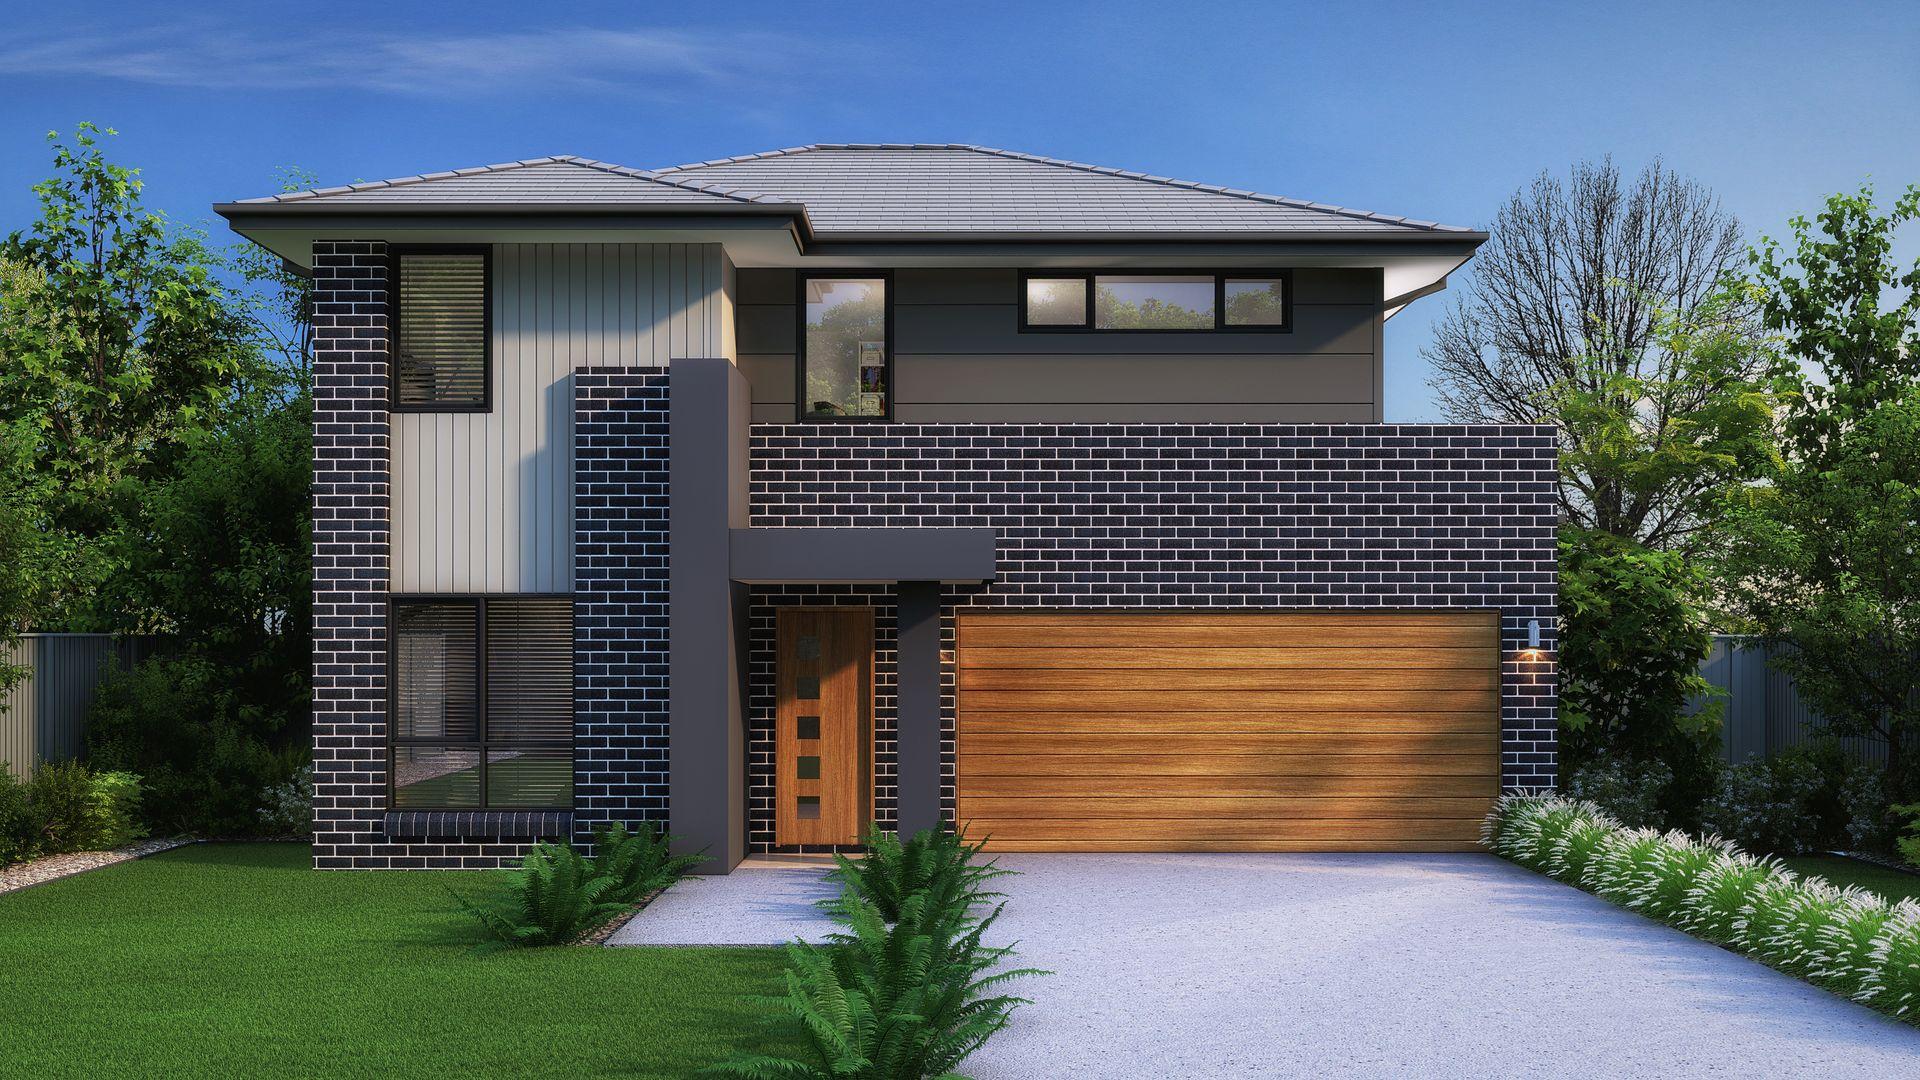 Lot 5304 Chetterton Street, Denham Court NSW 2565, Image 0